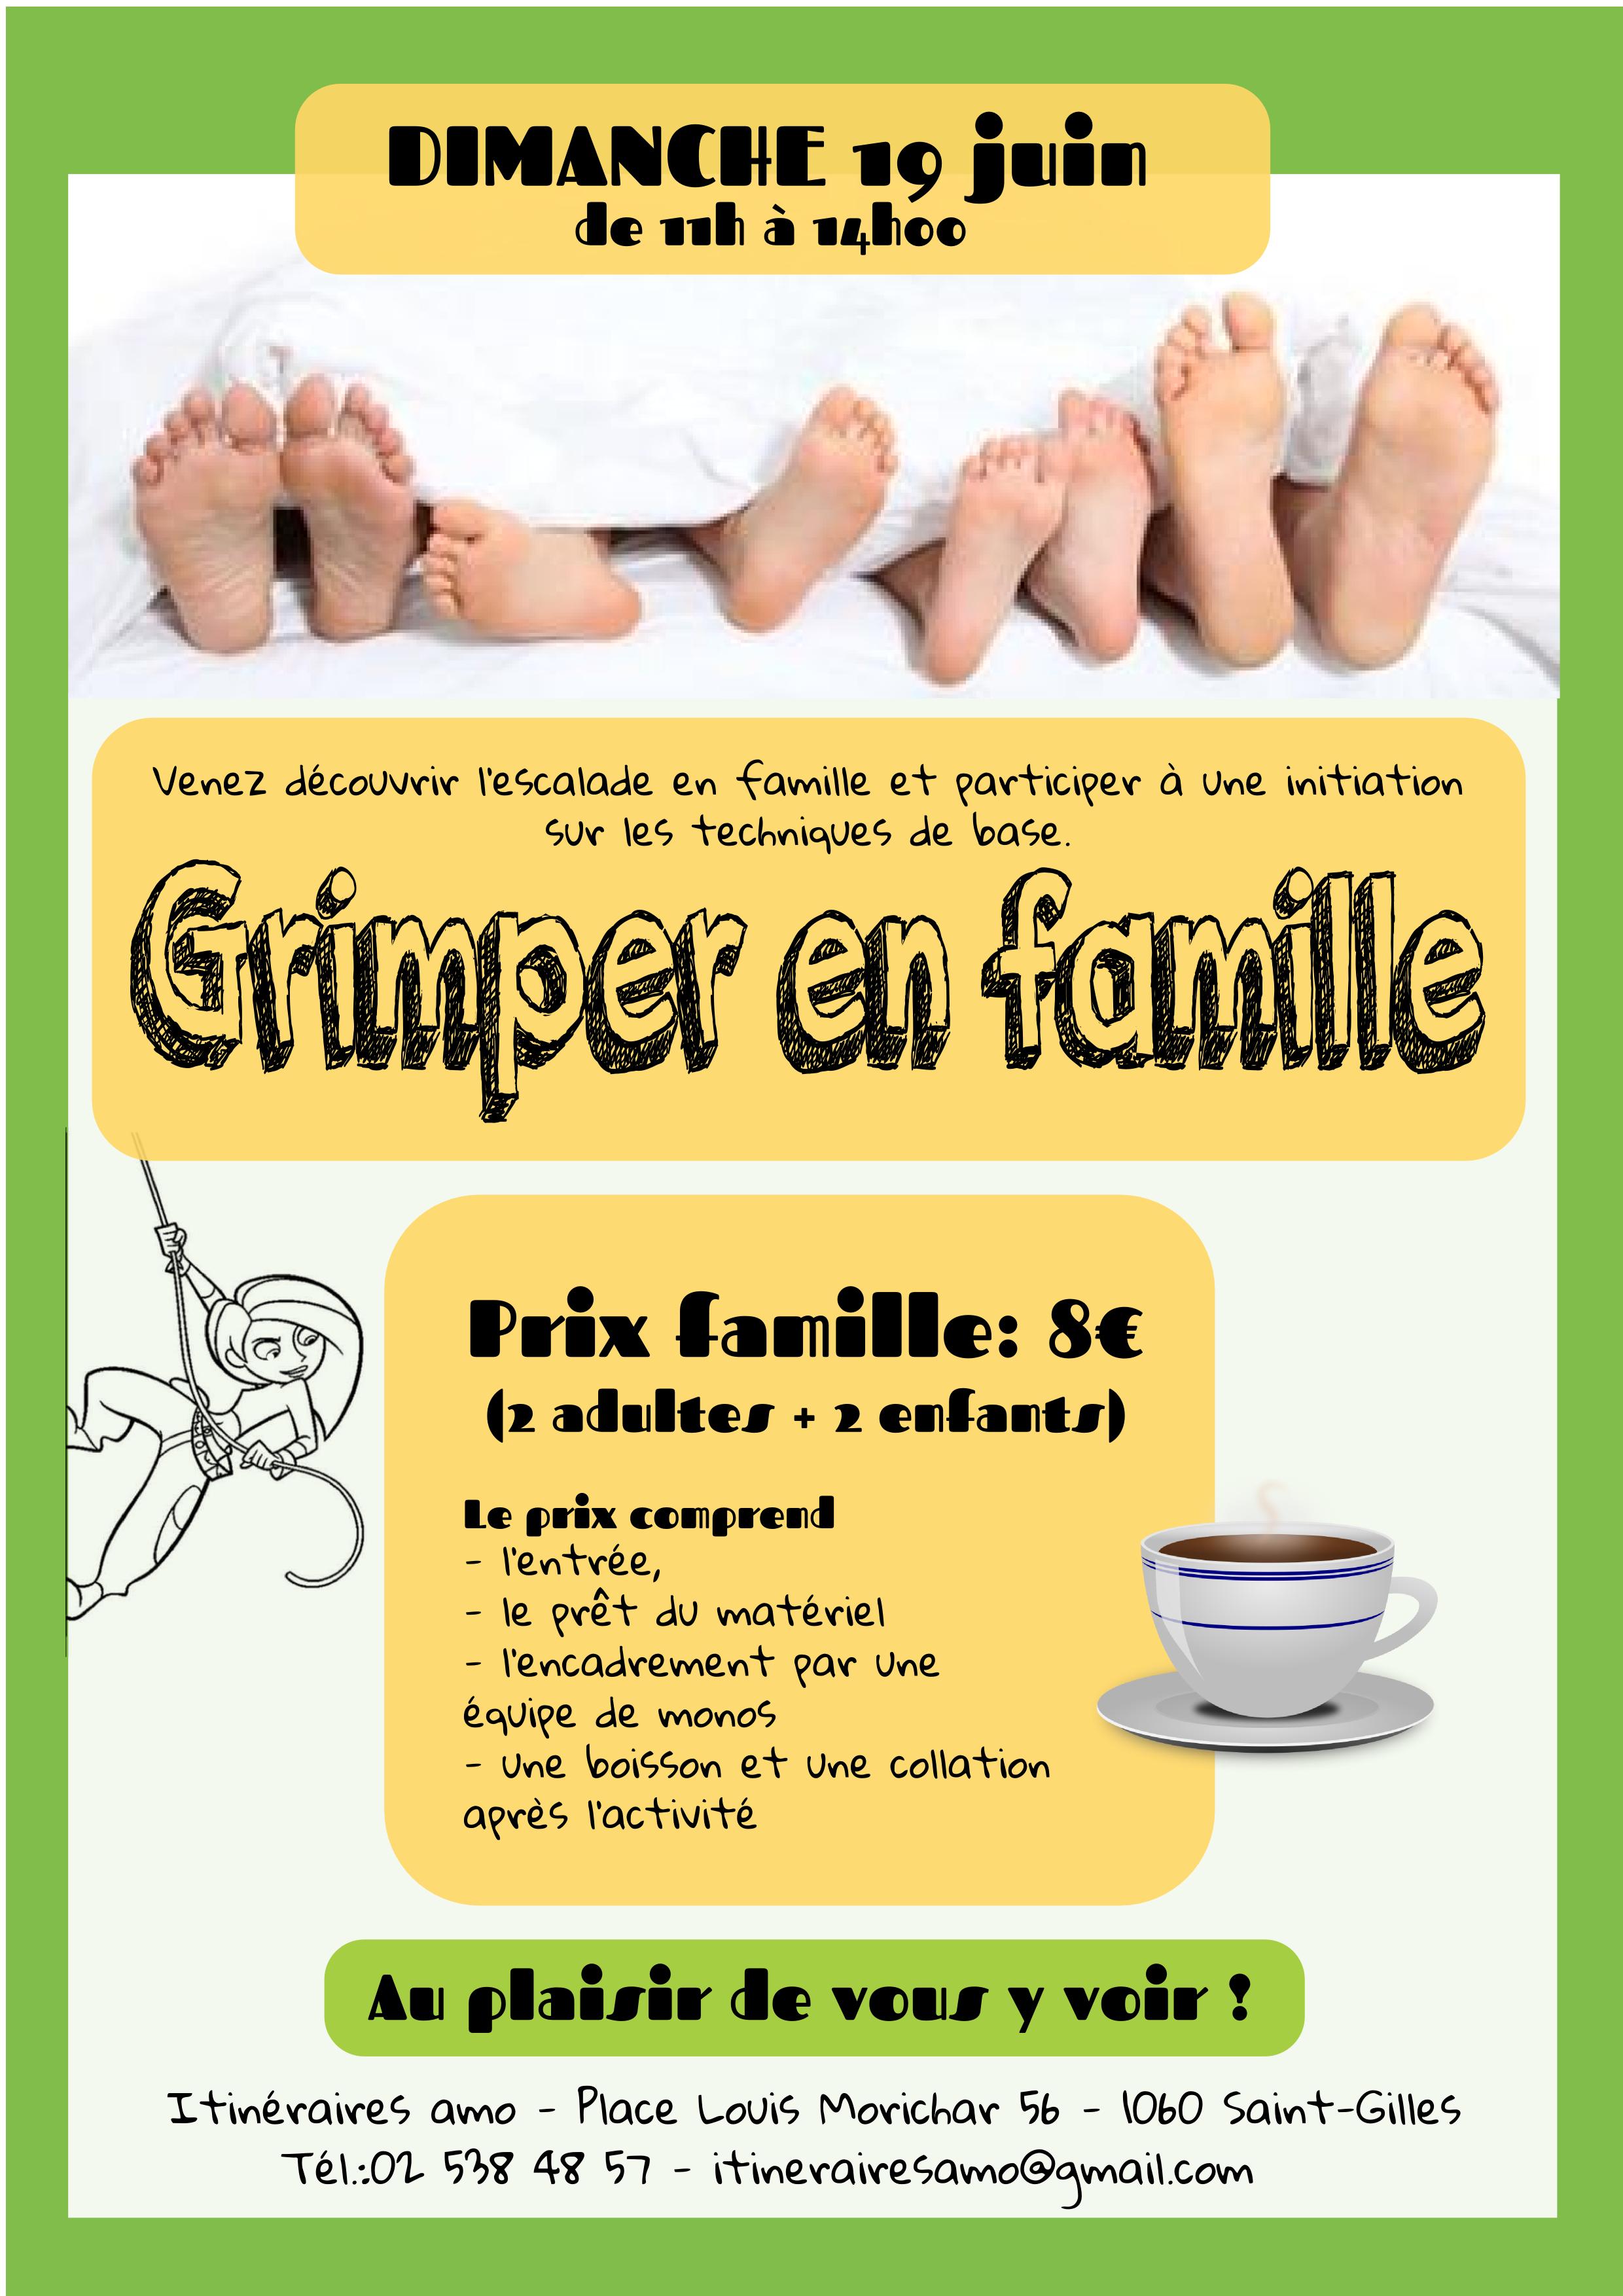 Grimper en famille juin 2016